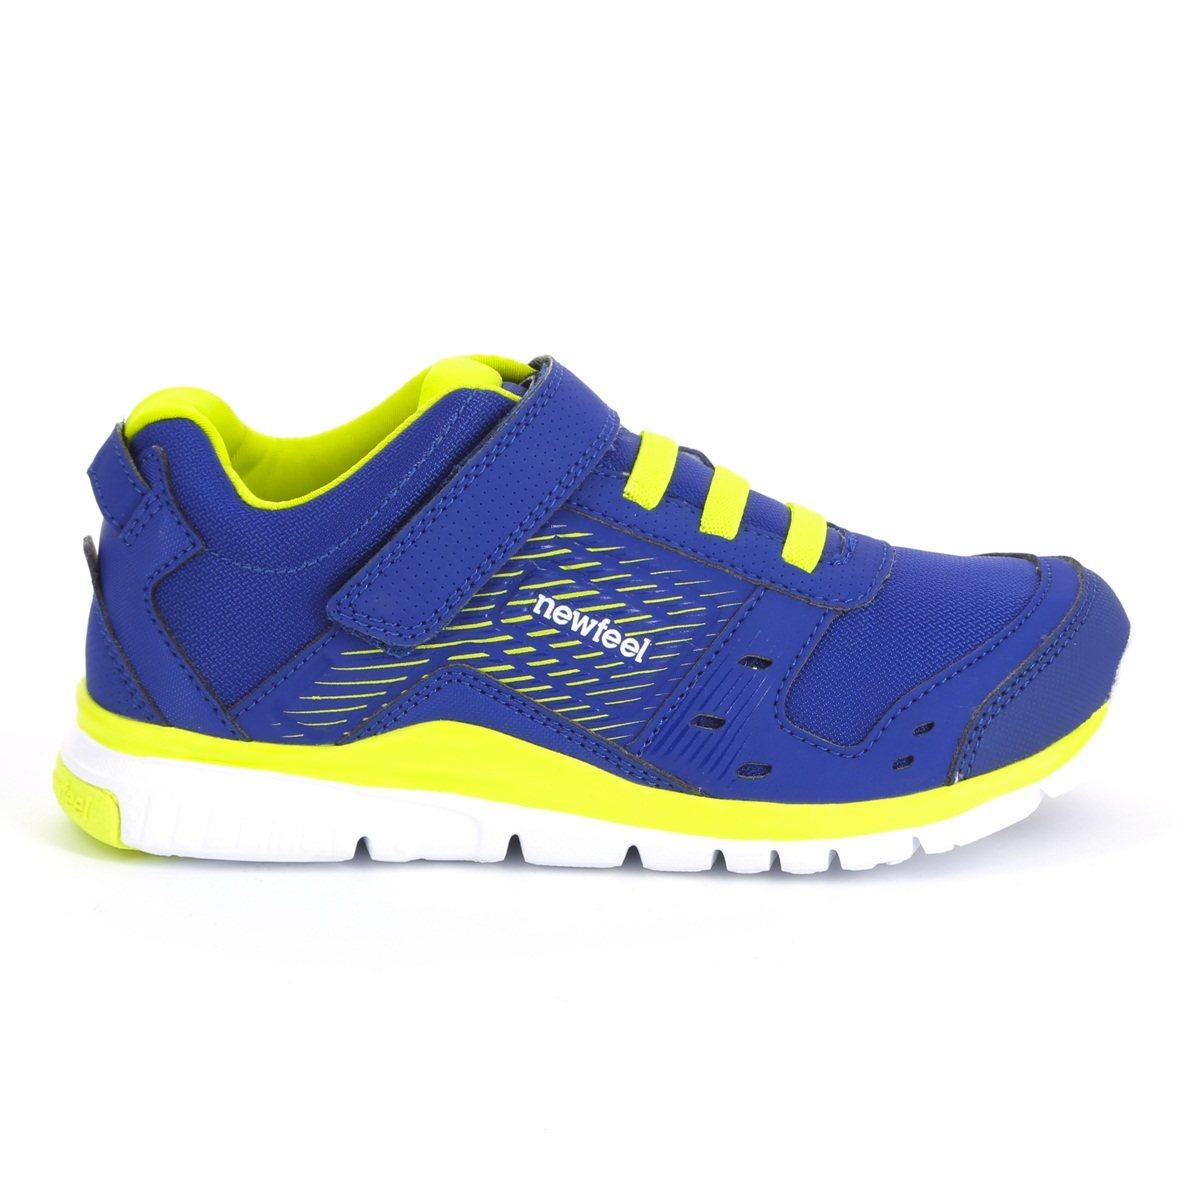 детские кроссовки Decathlon 8327706 NEWFEEL, купить в интернет ... 4570b4fcecf